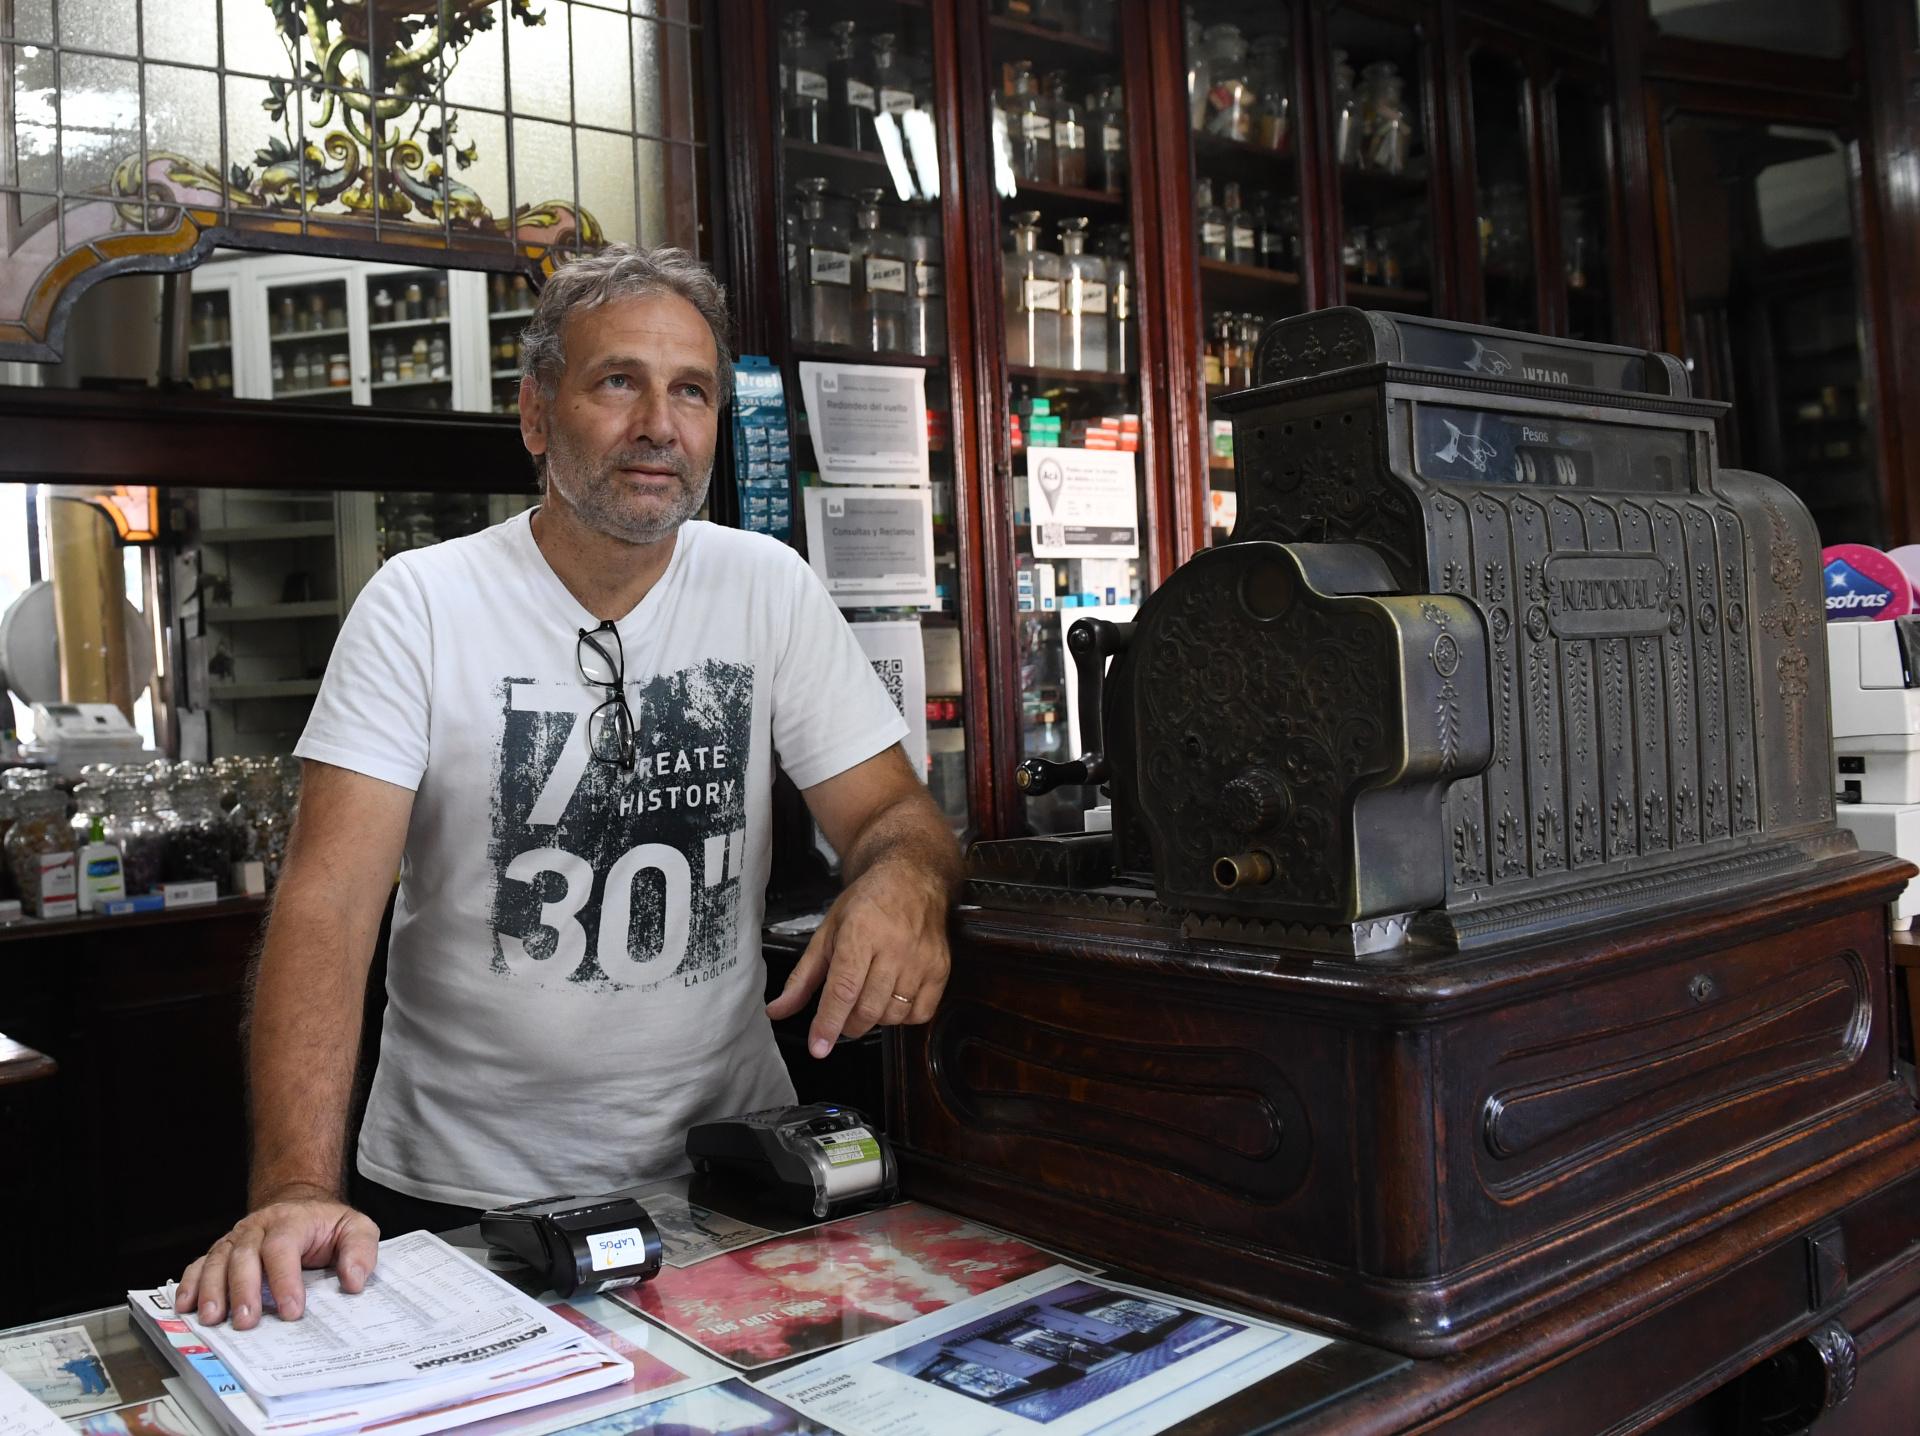 La antigua caja registradora de la Farmacia Del Águila, un clásico al que todos los visitantes le toman fotografías